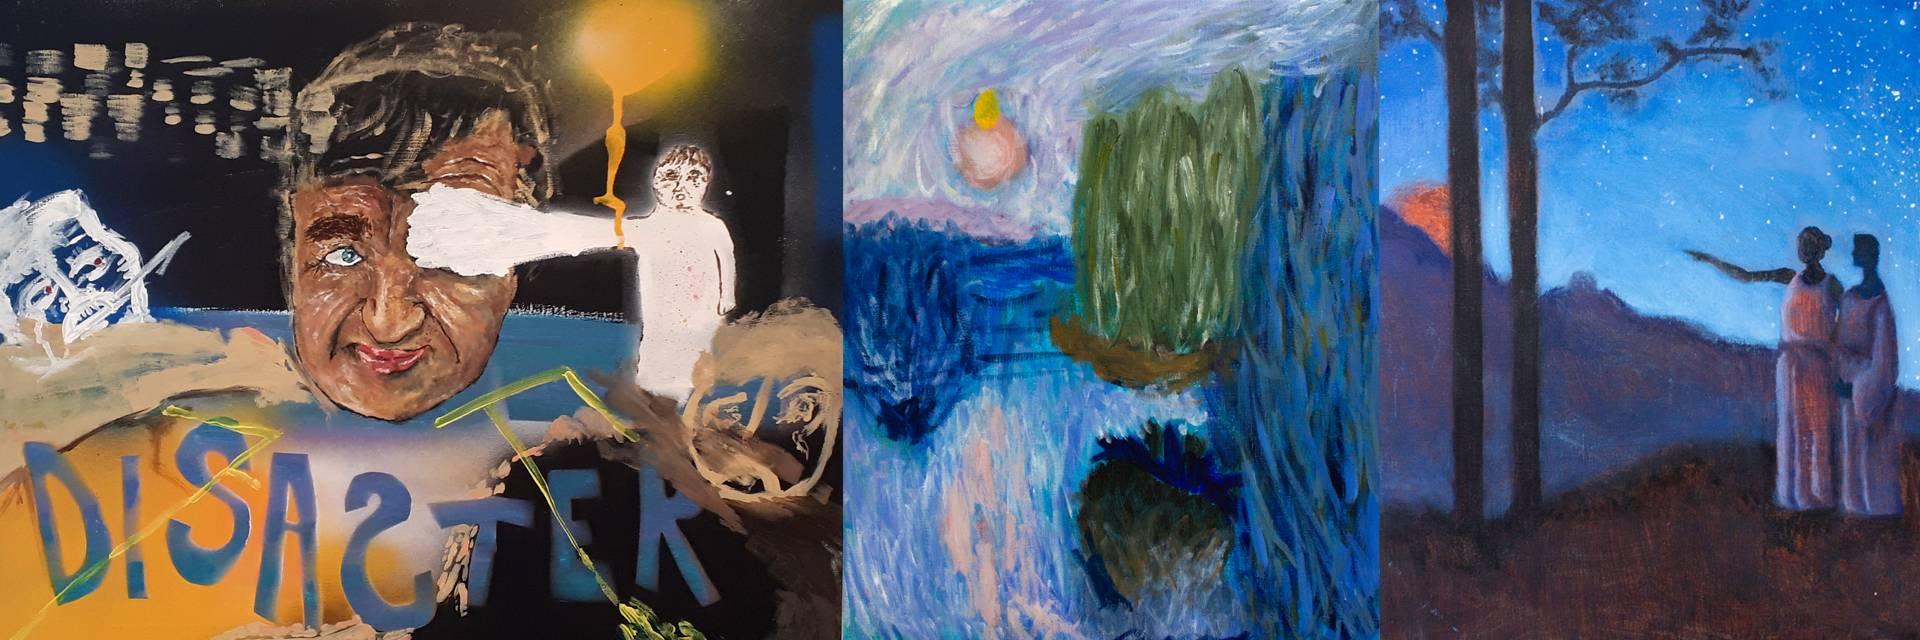 värikkäitä oppilaiden maalauksia